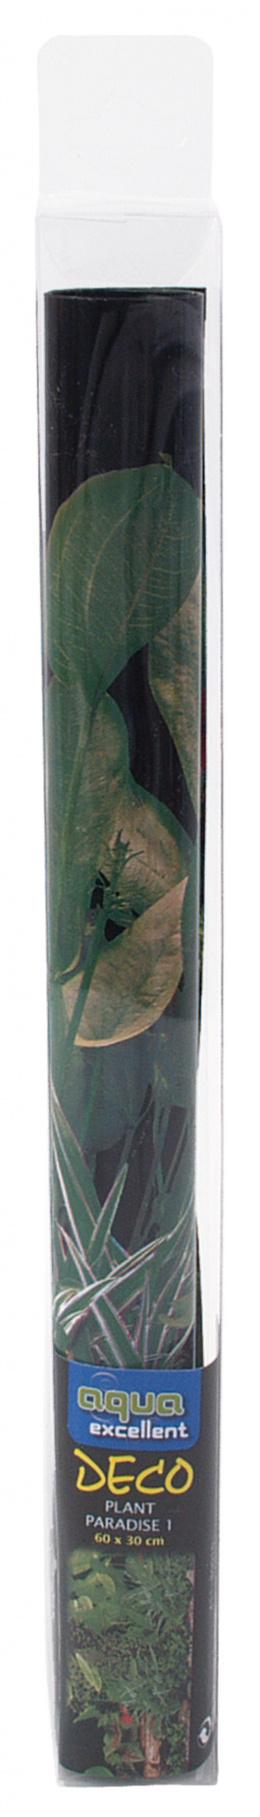 Фон для аквариума - Задний фон - Растения 100*50cm